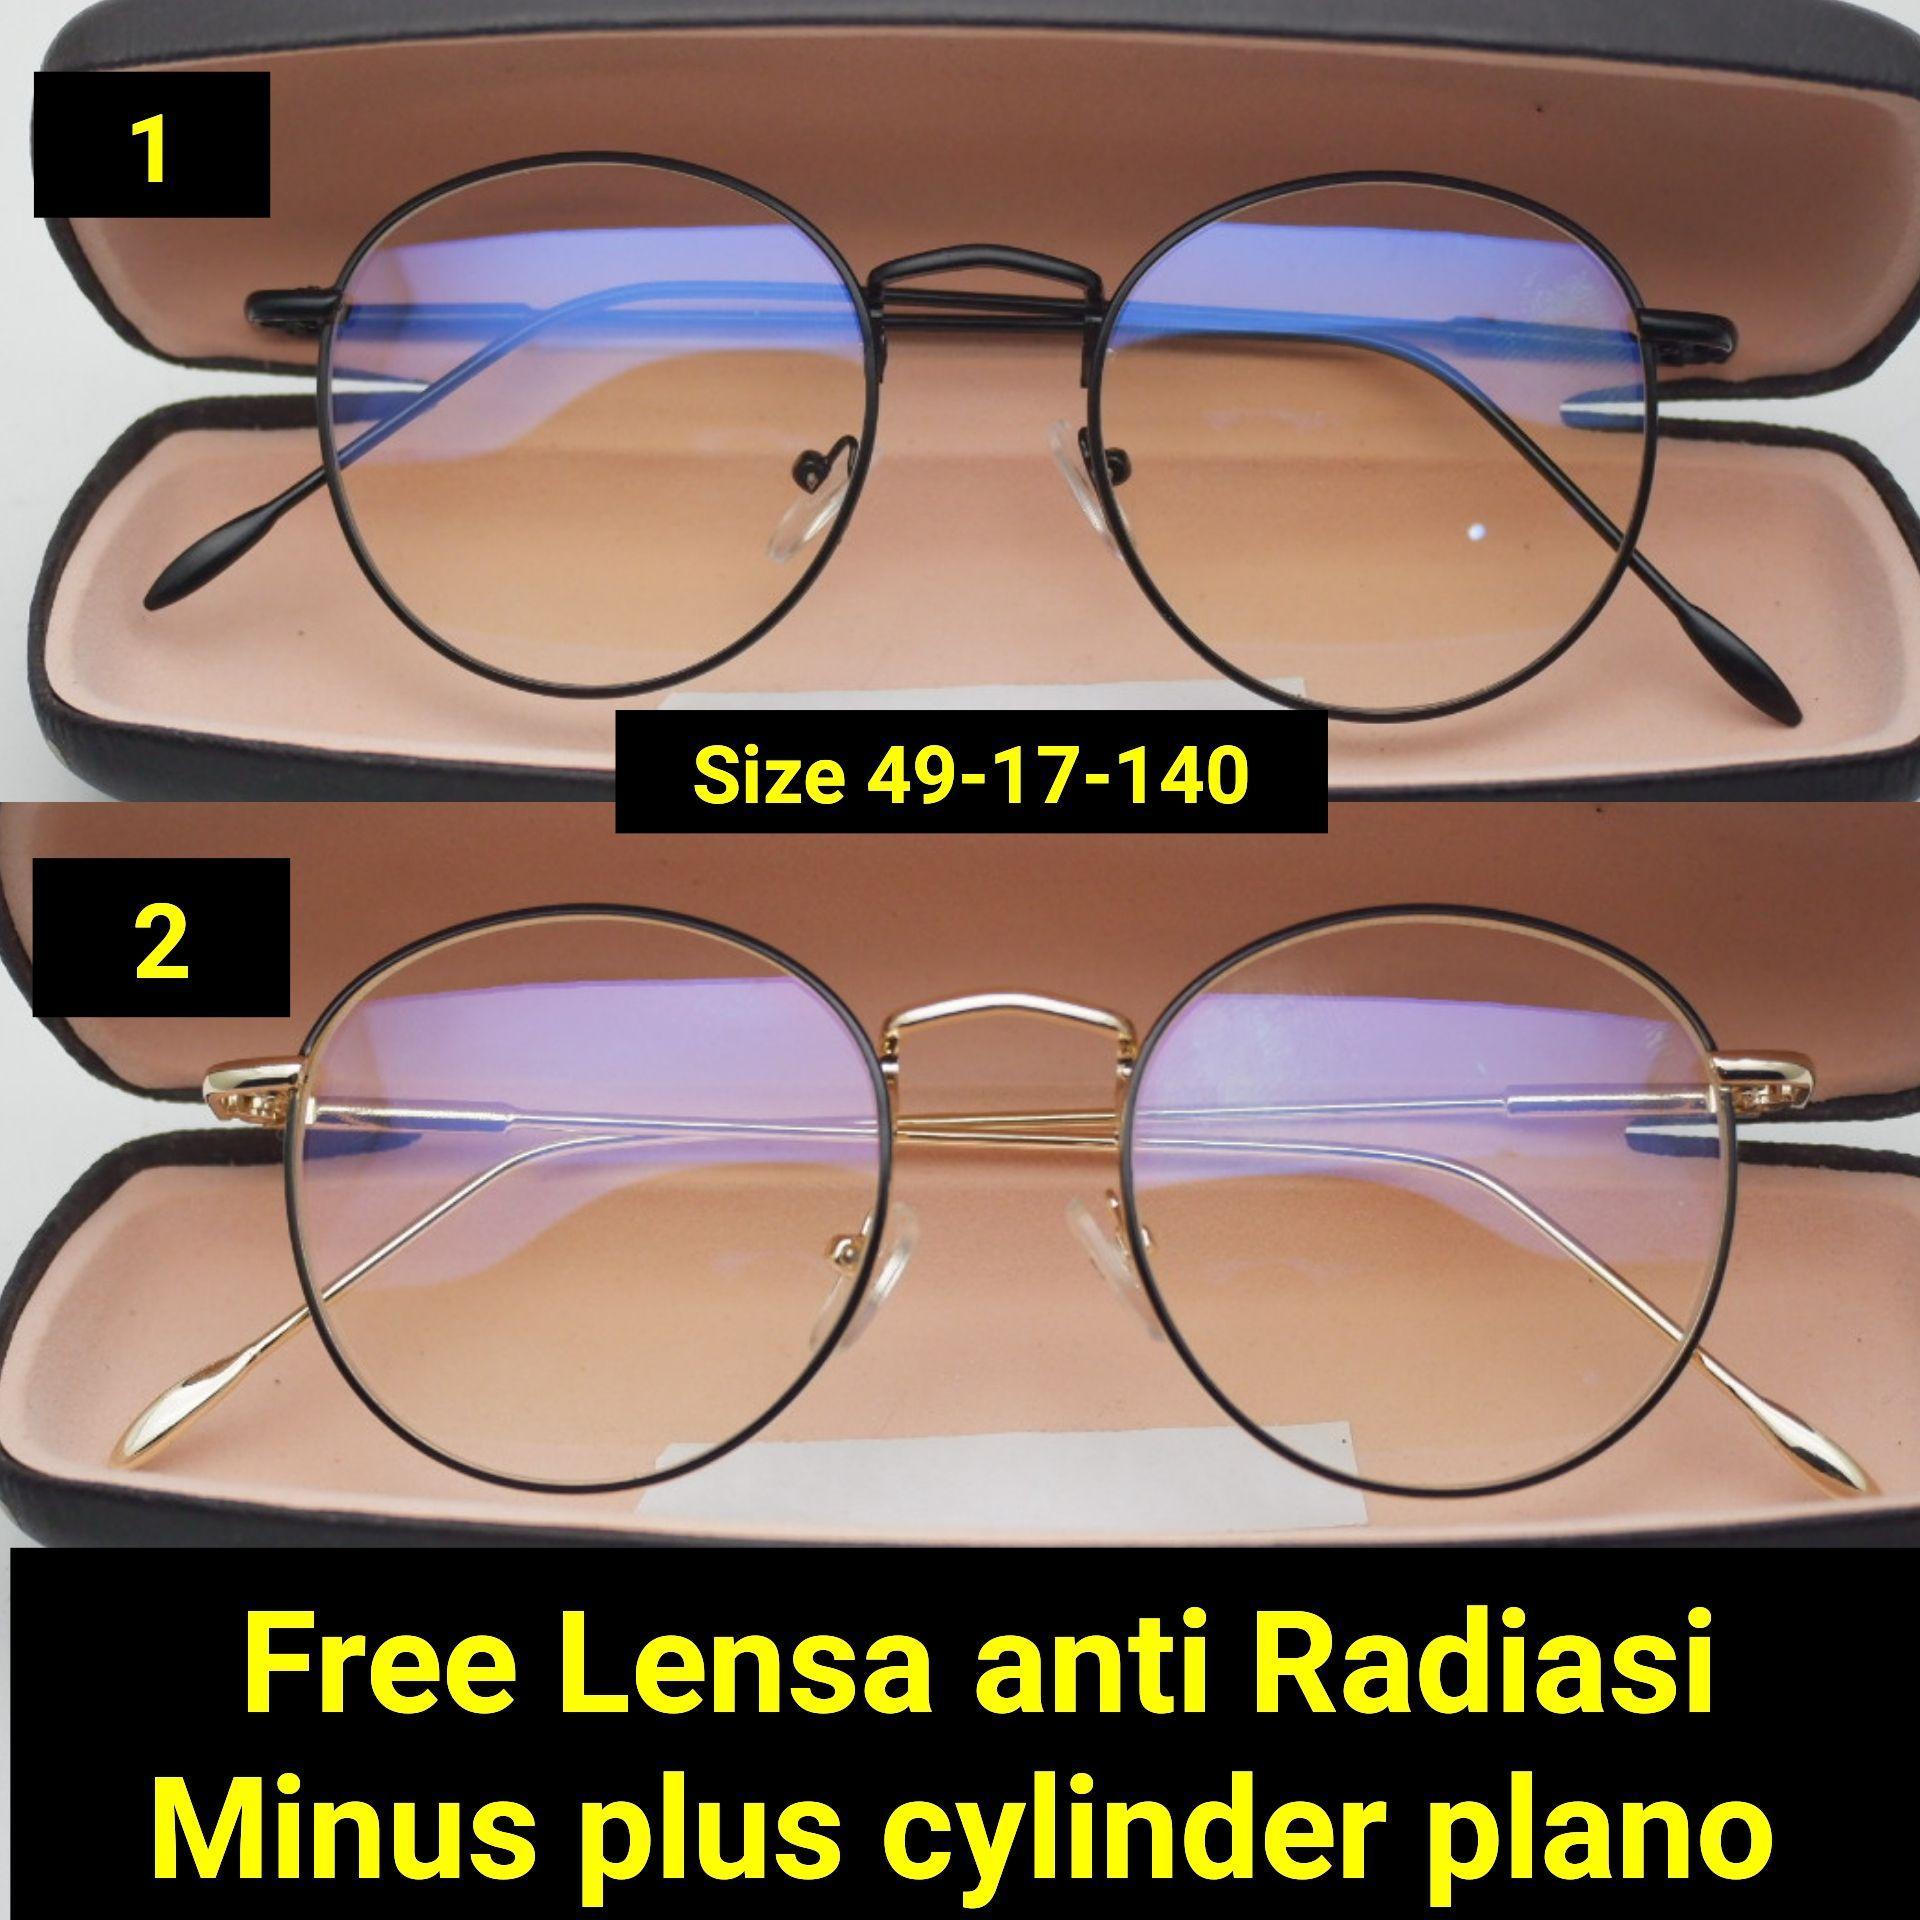 Jual Kacamata Minus Korea Vintage Kaca Mata Sperichal Frame 3213 Plus Cylinder Anti Radiasi